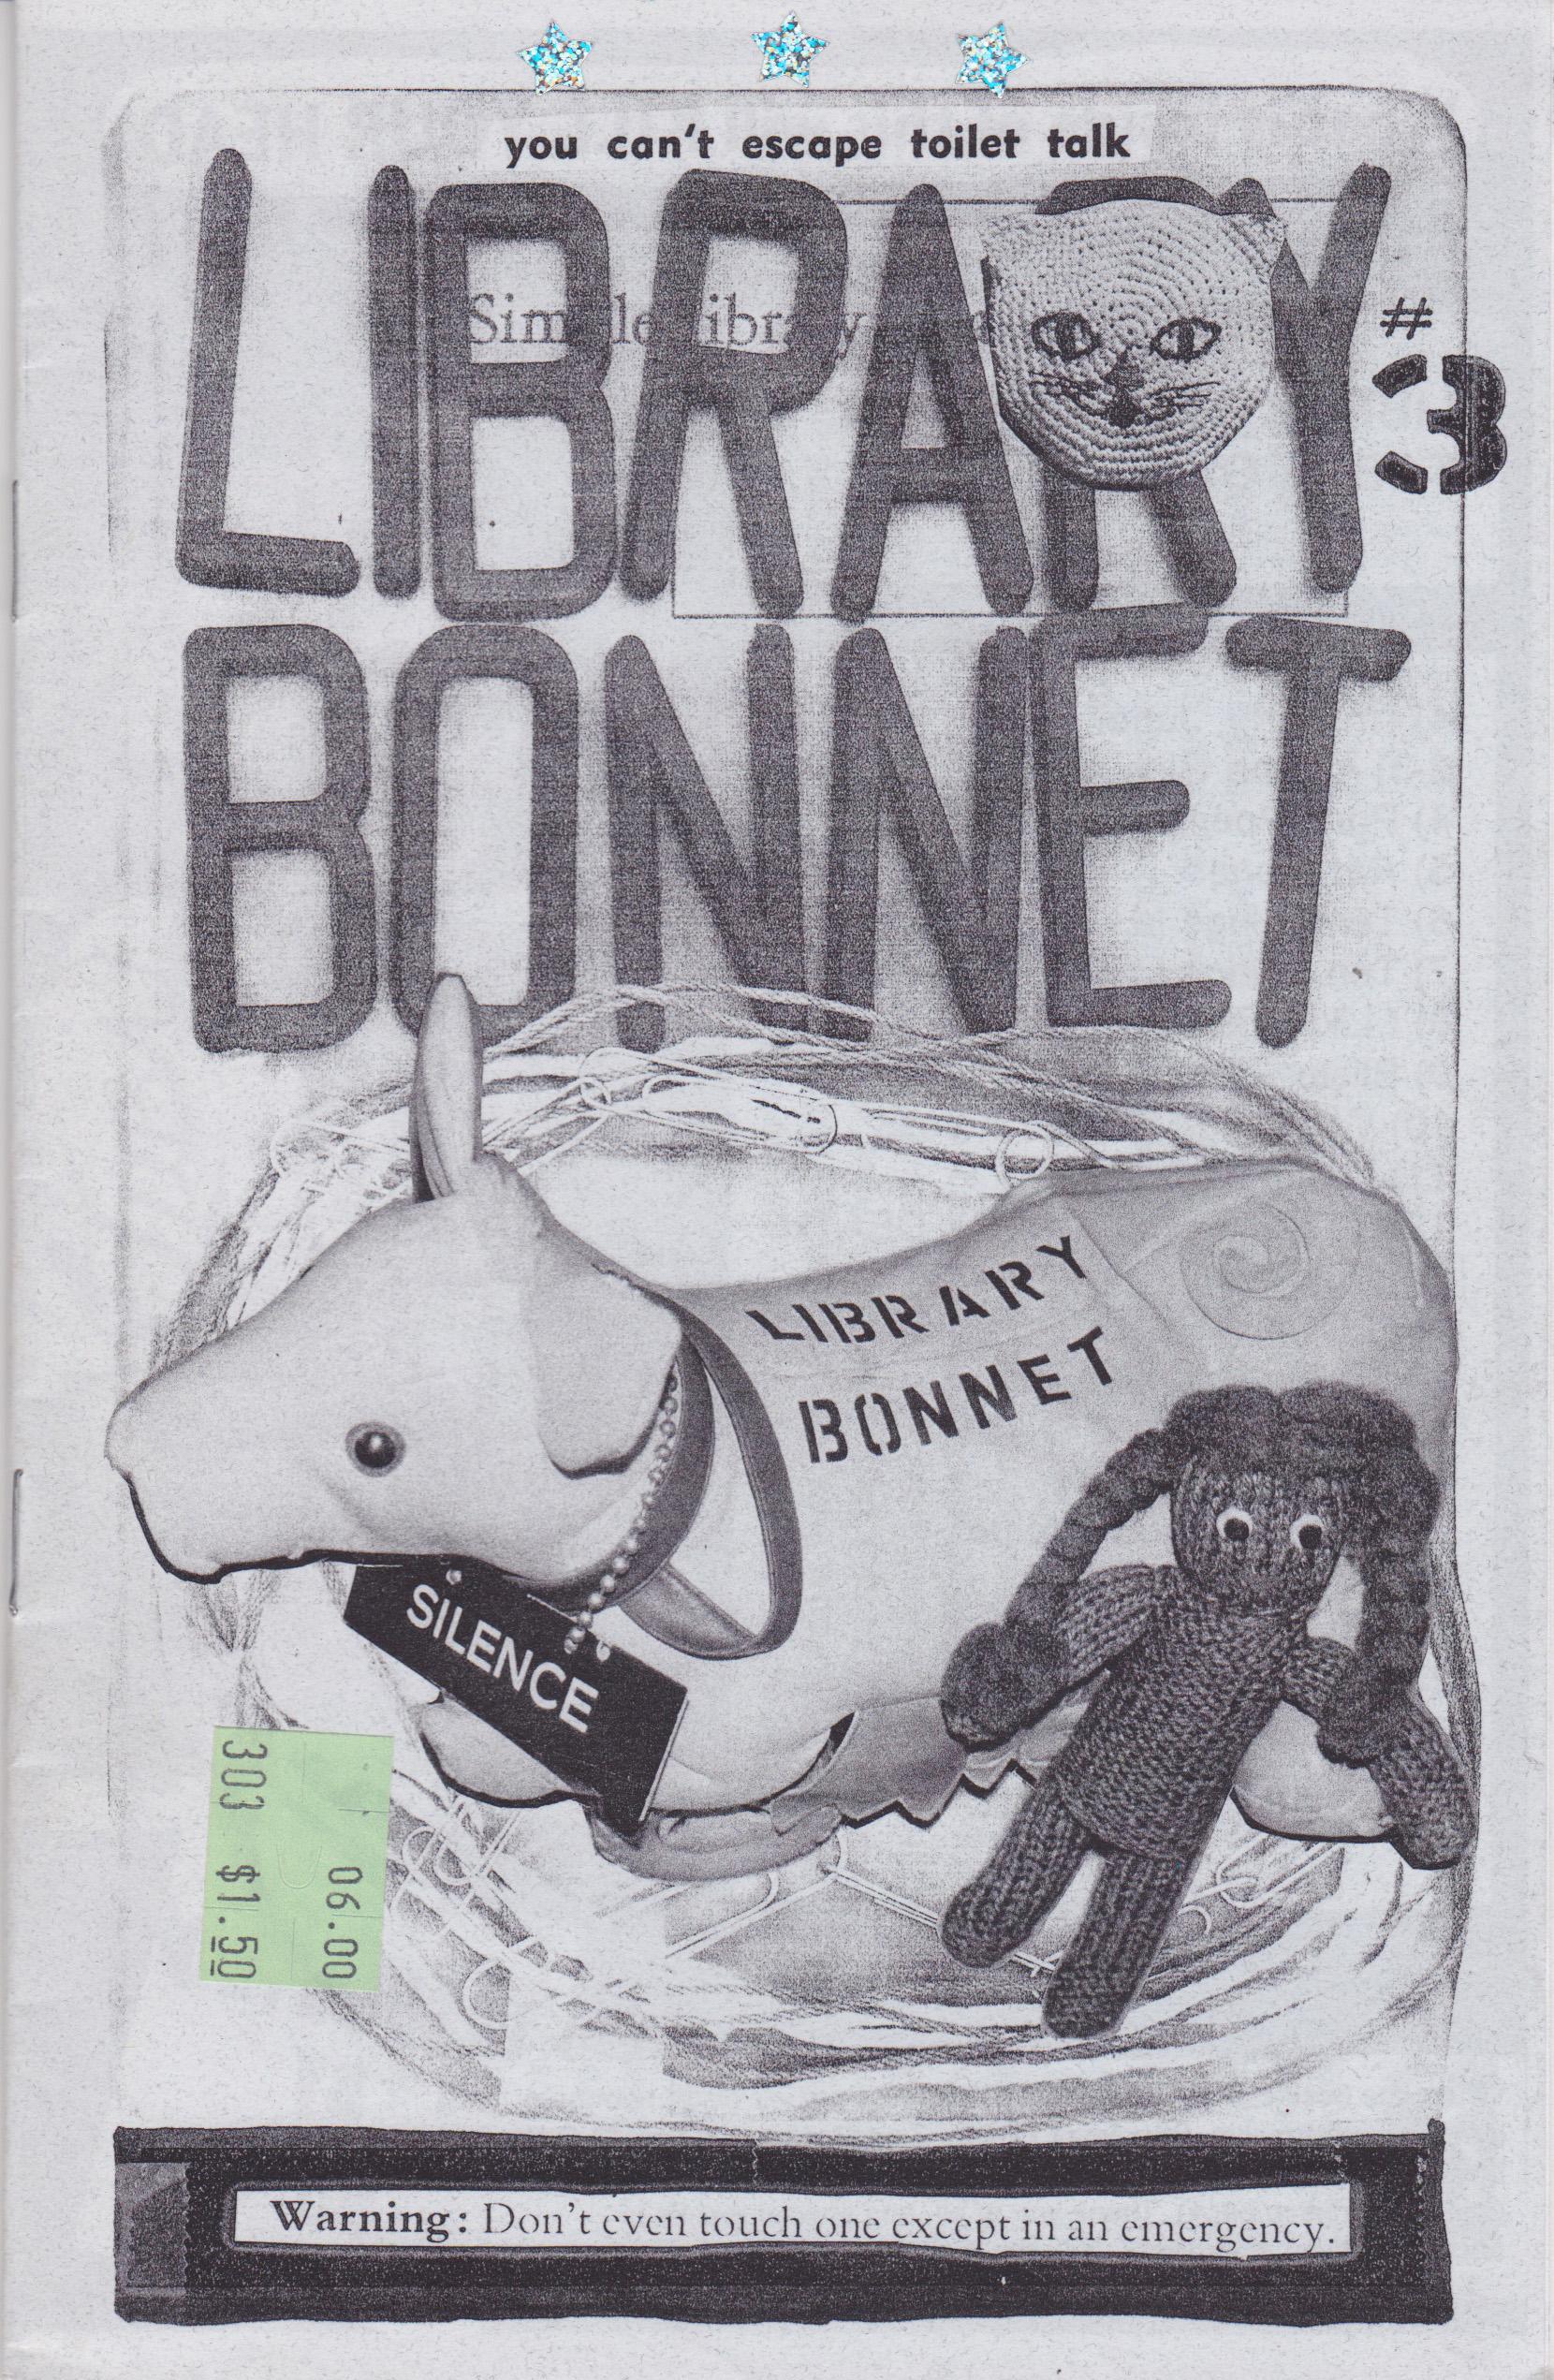 Library Bonnet